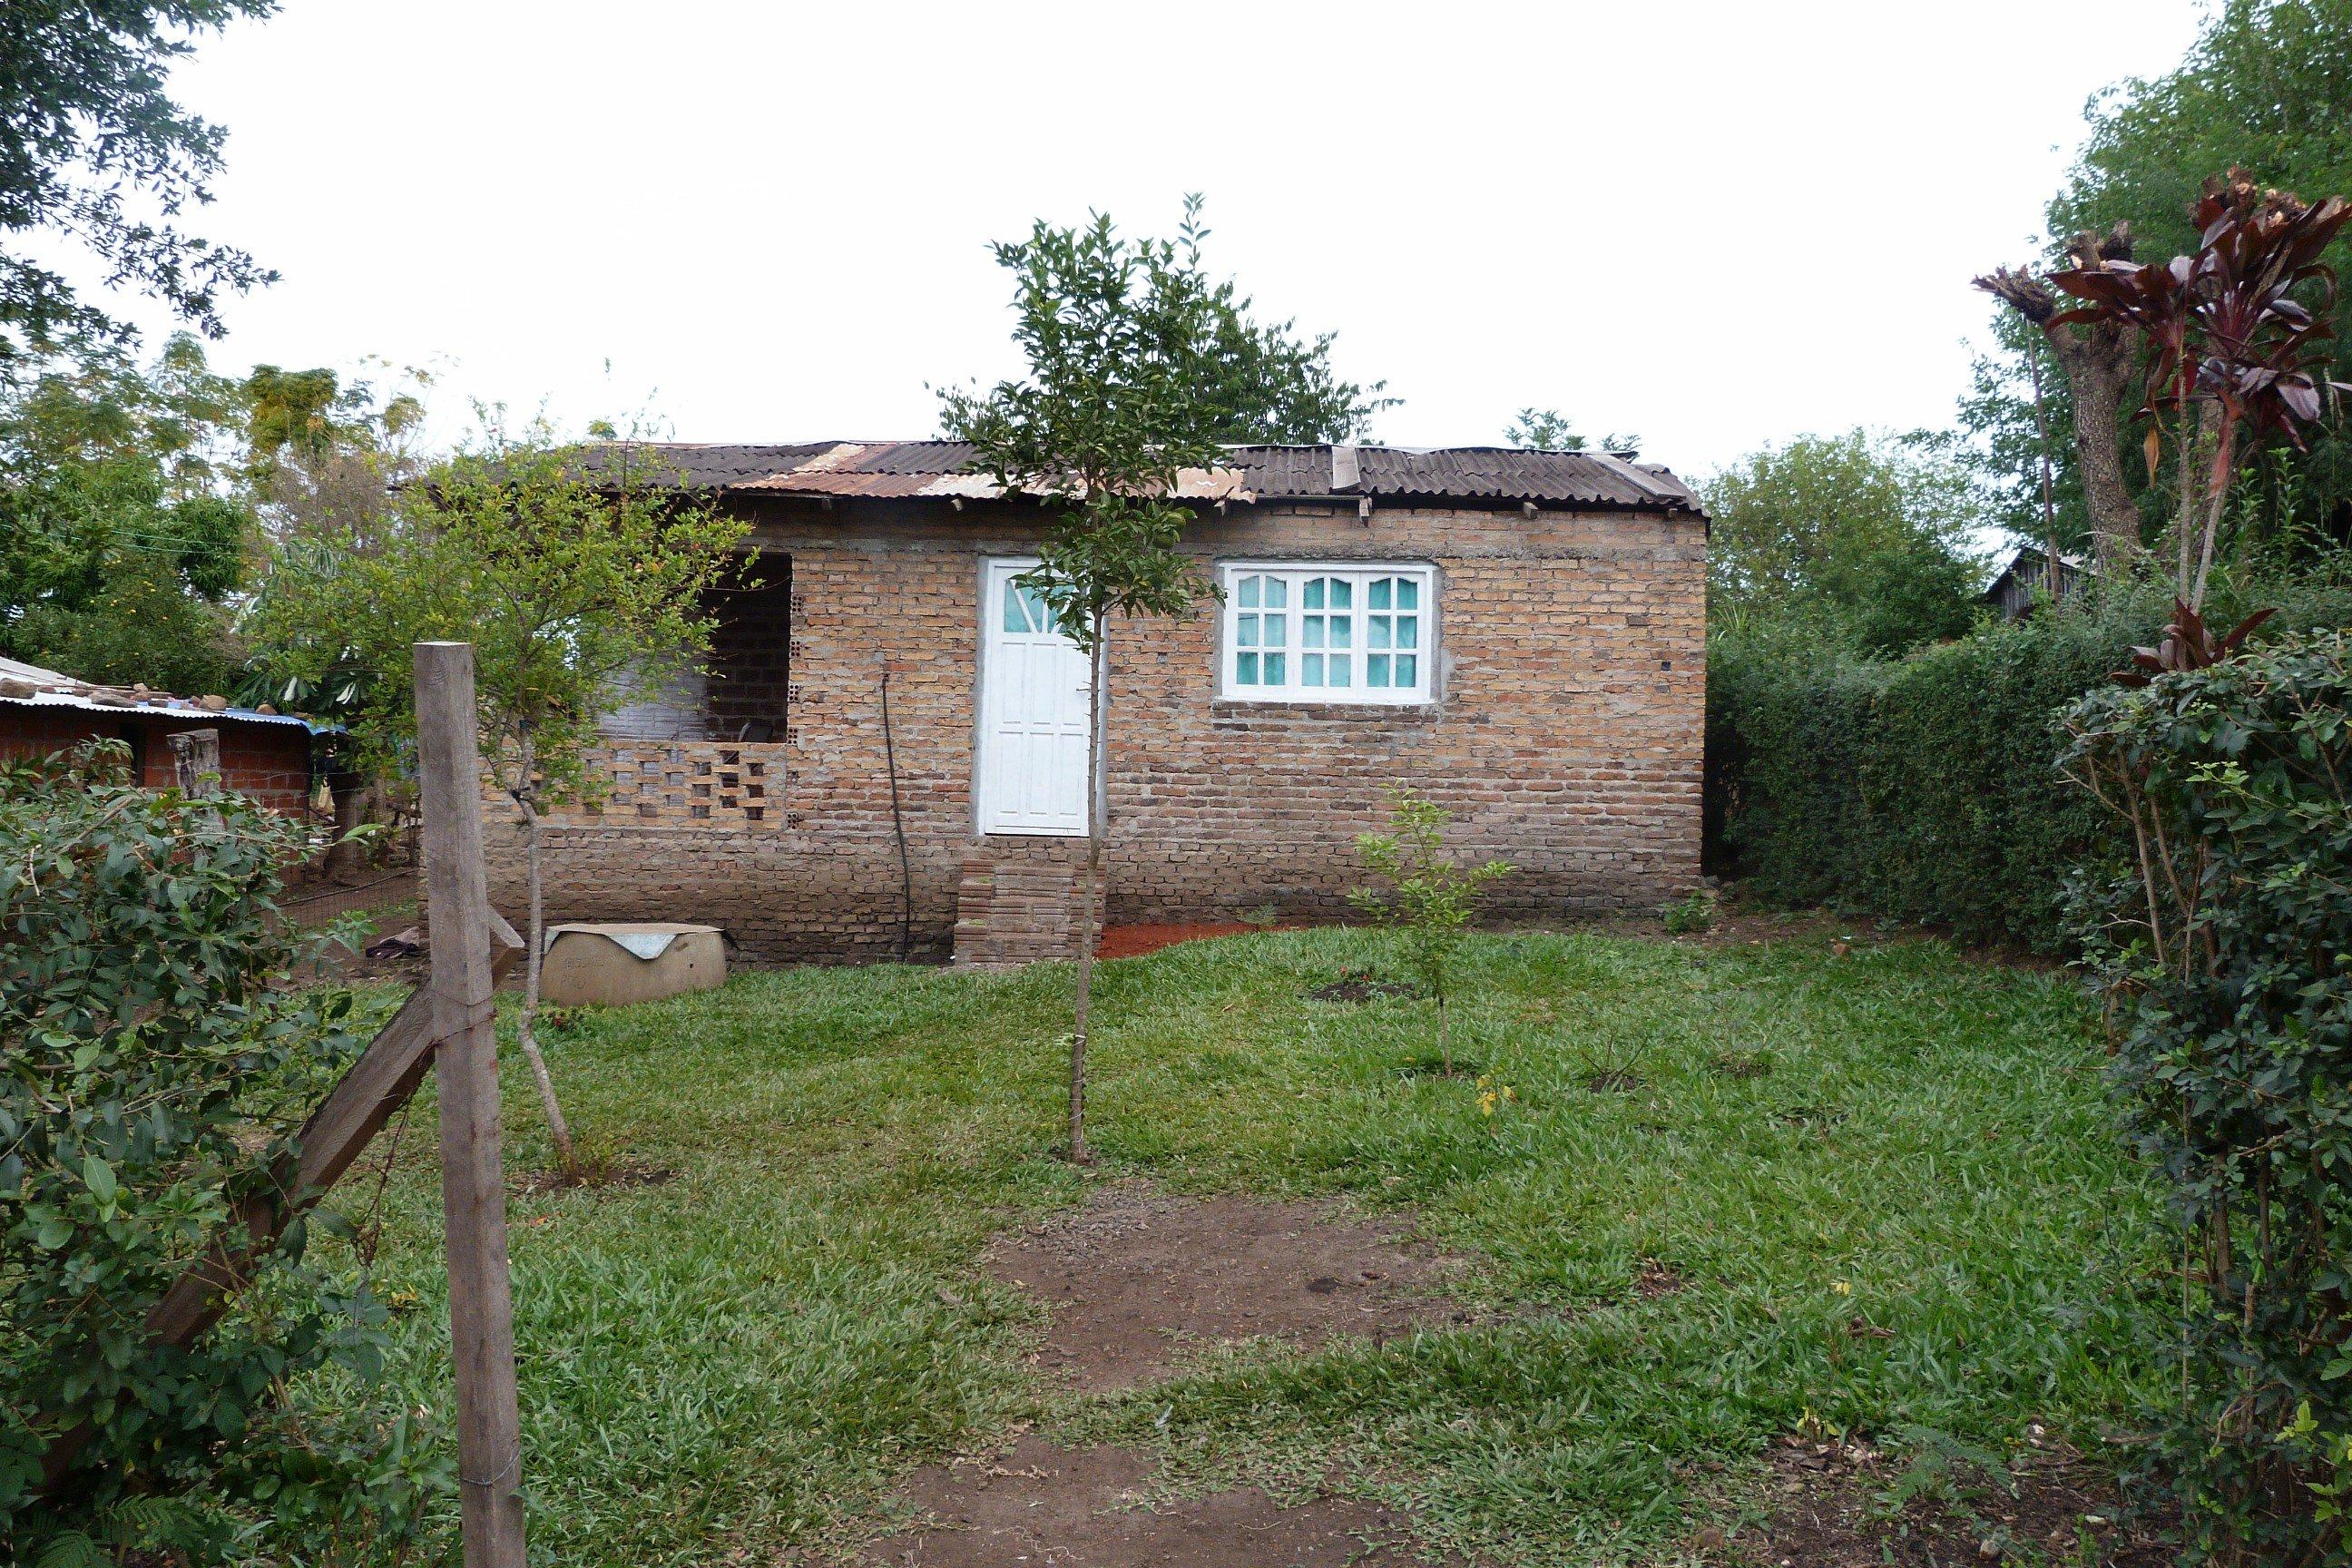 Casa donde vive el chico que fue golpeado brutalmente por el padrastro.